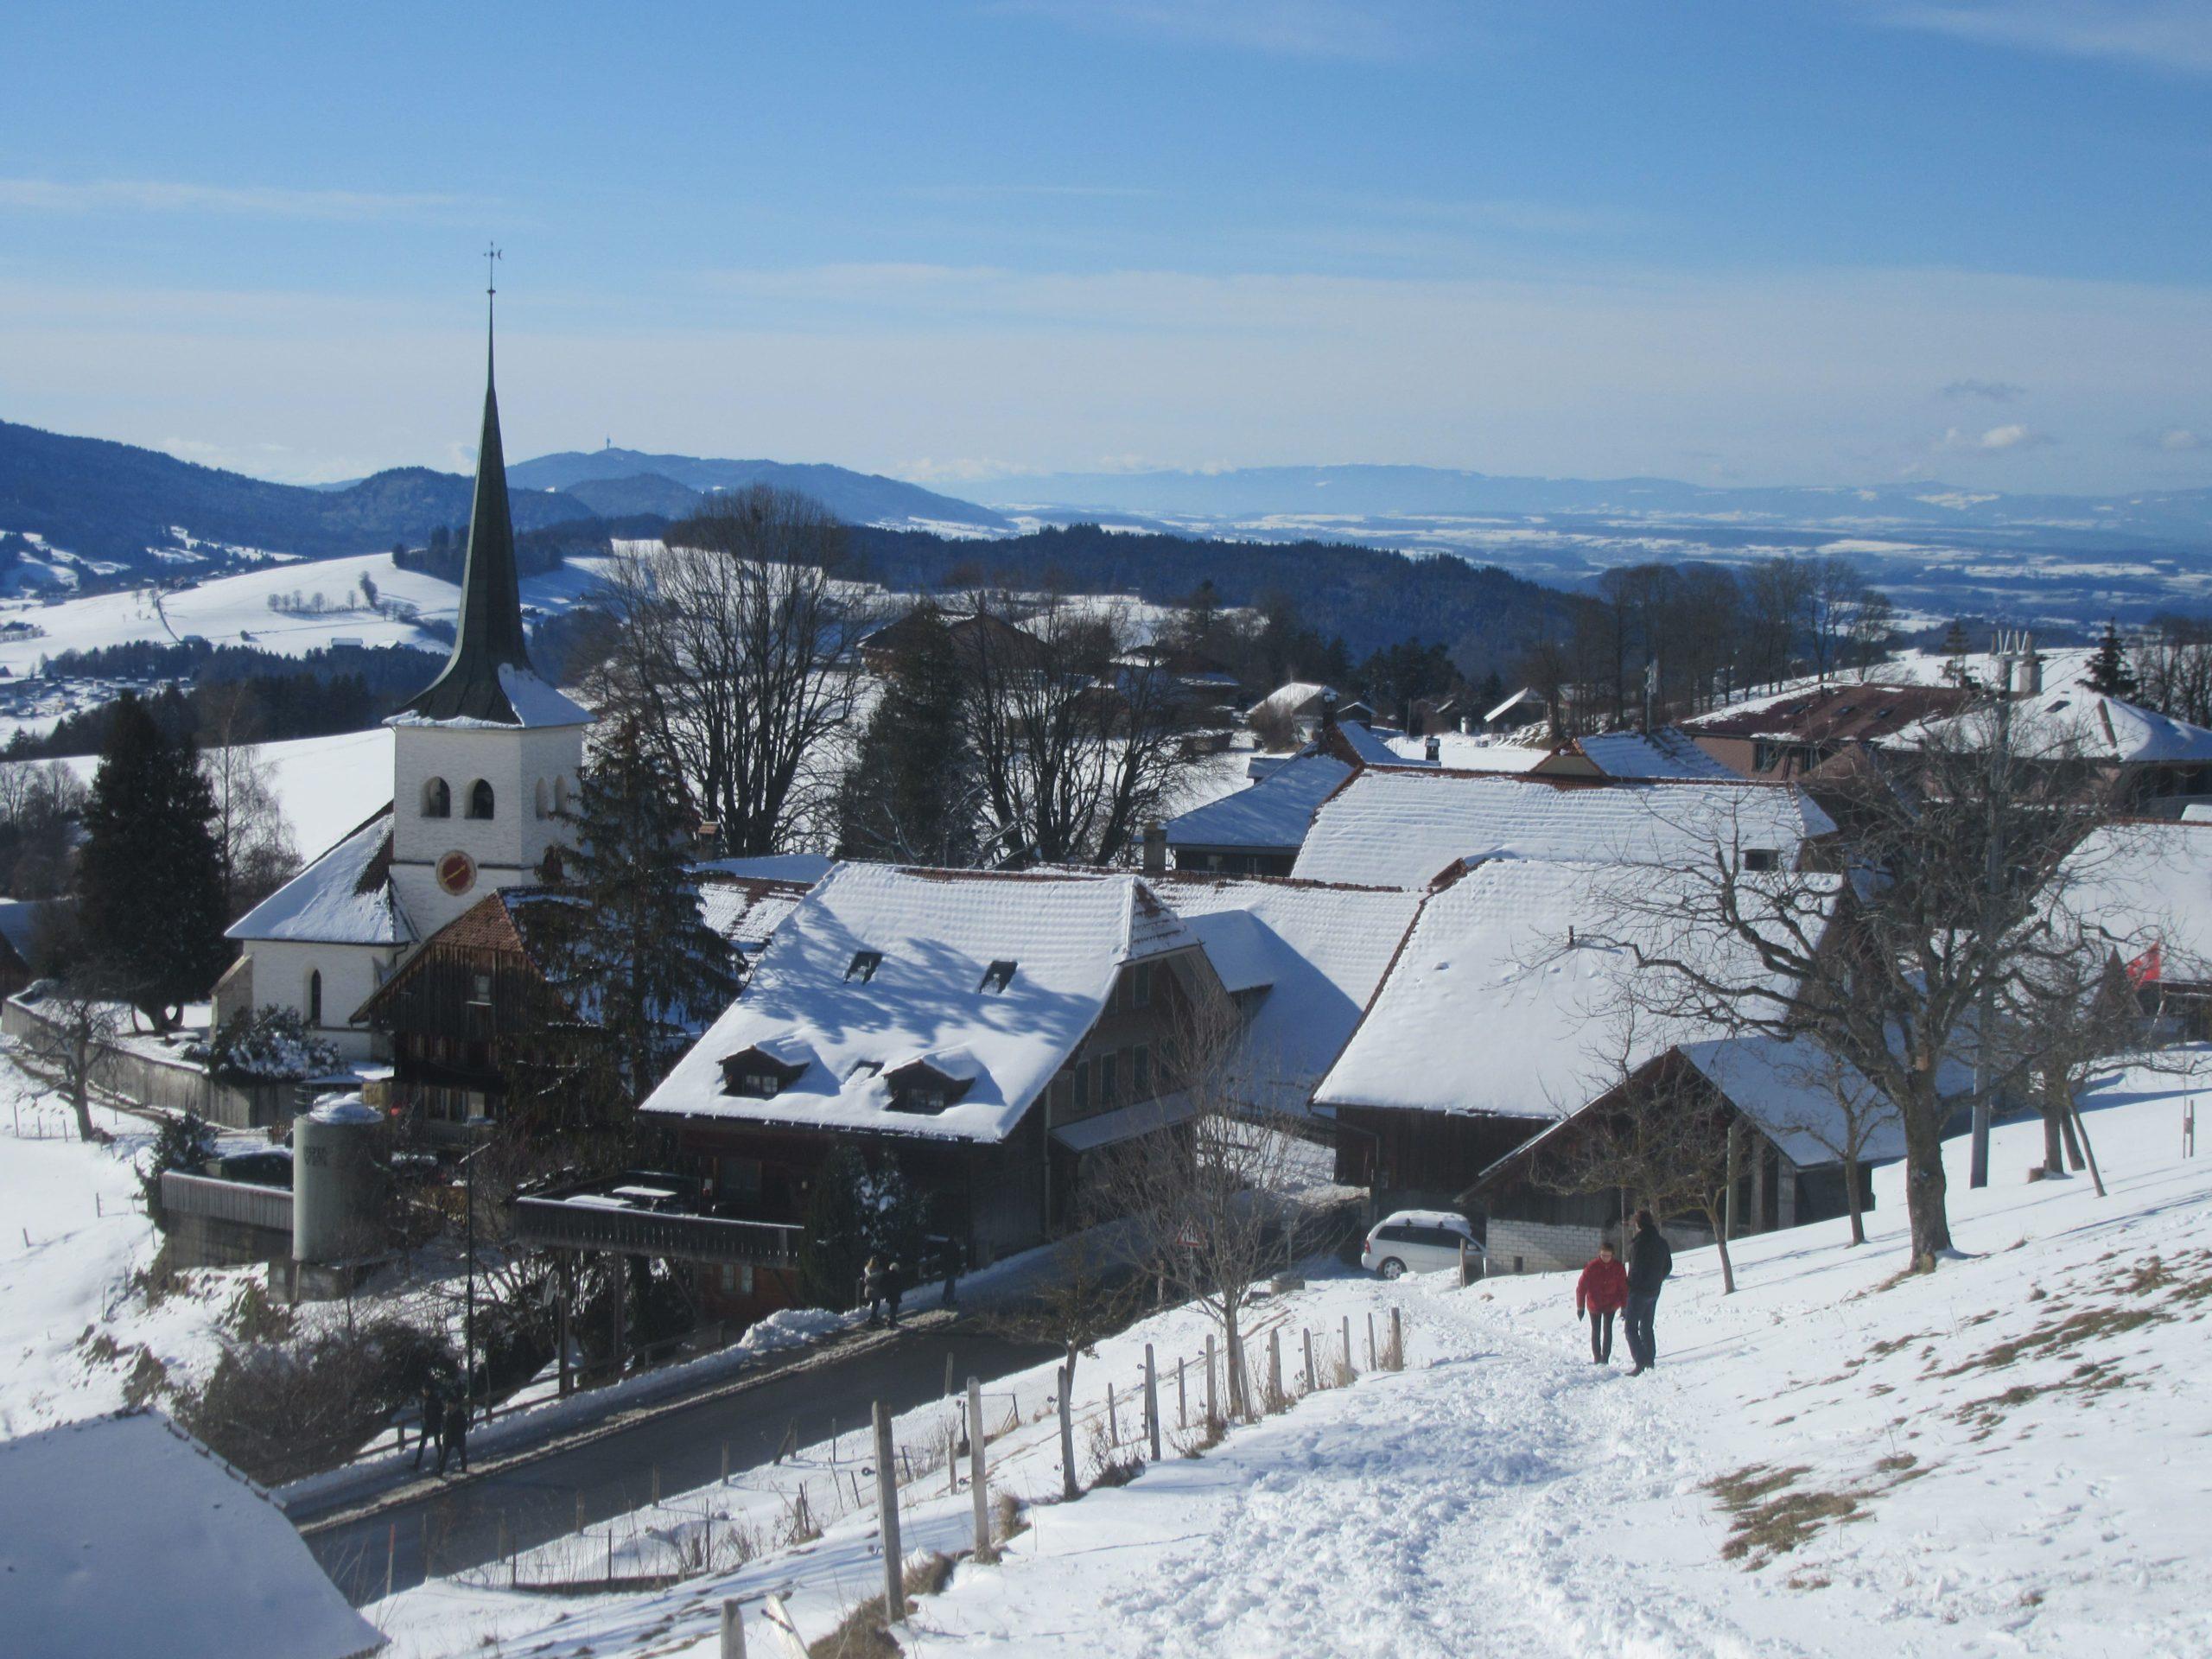 Le village de Guggisberg sous la neige dans le canton de Berne